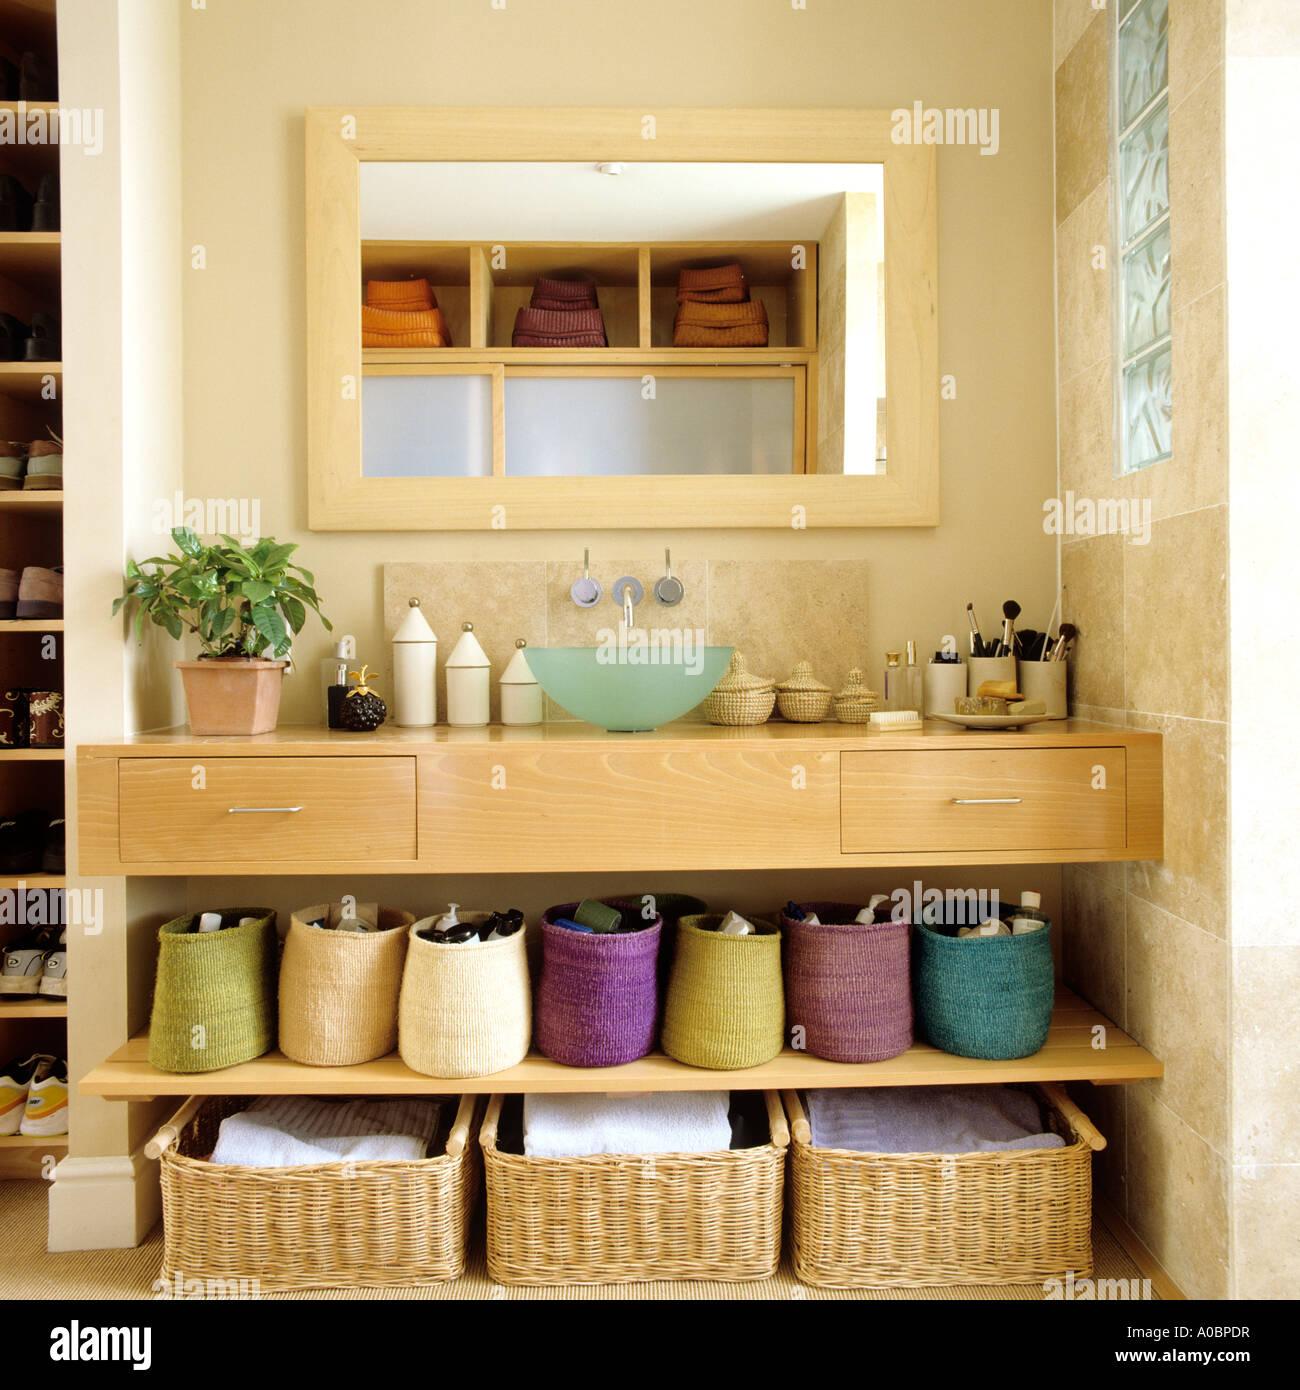 Wicker bathroom storage